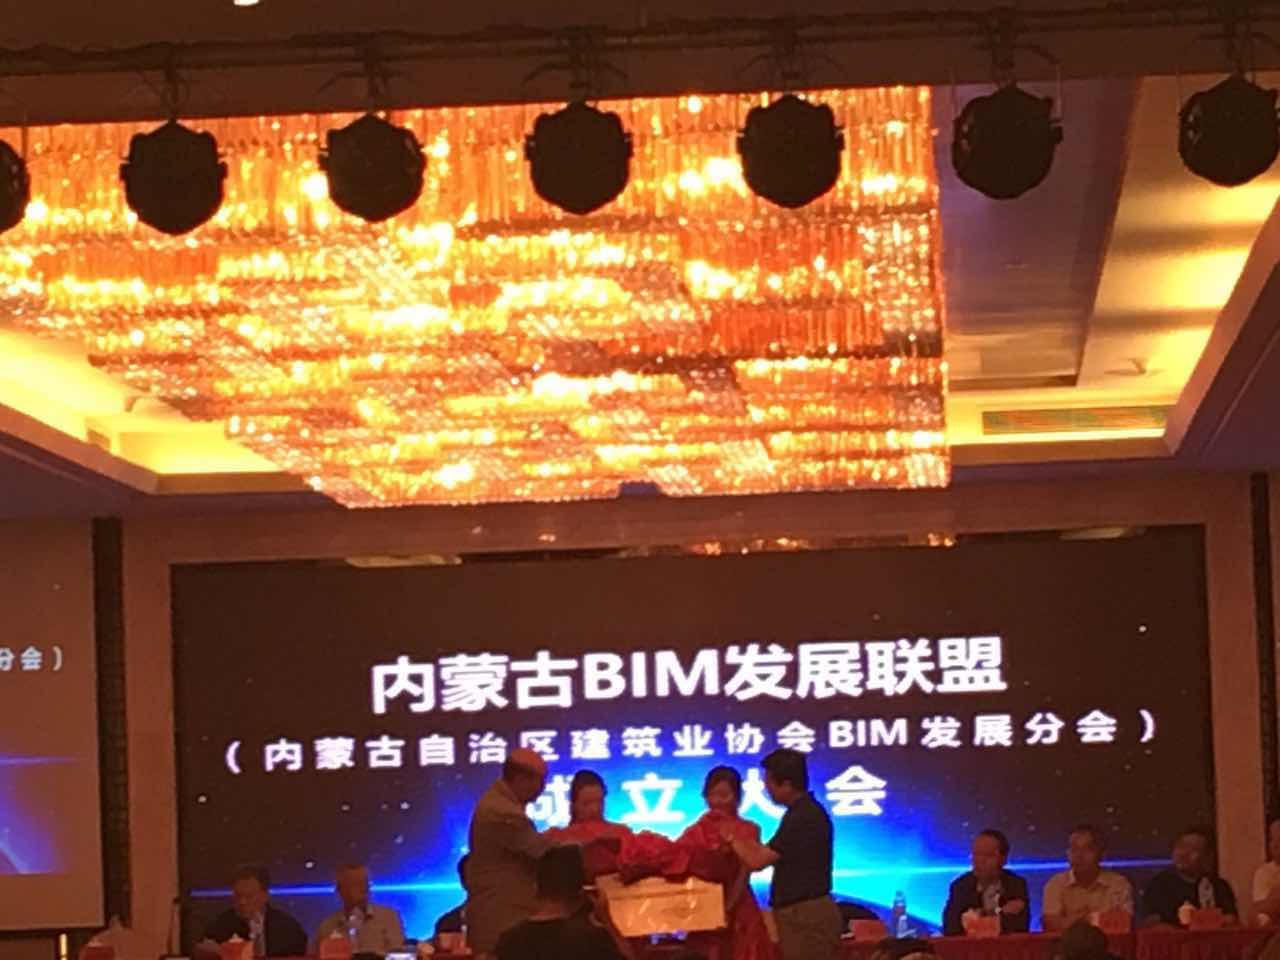 类似章鱼直播BIM发展联盟(类似章鱼直播自治区建筑业协会BIM发展分会)成立大会)